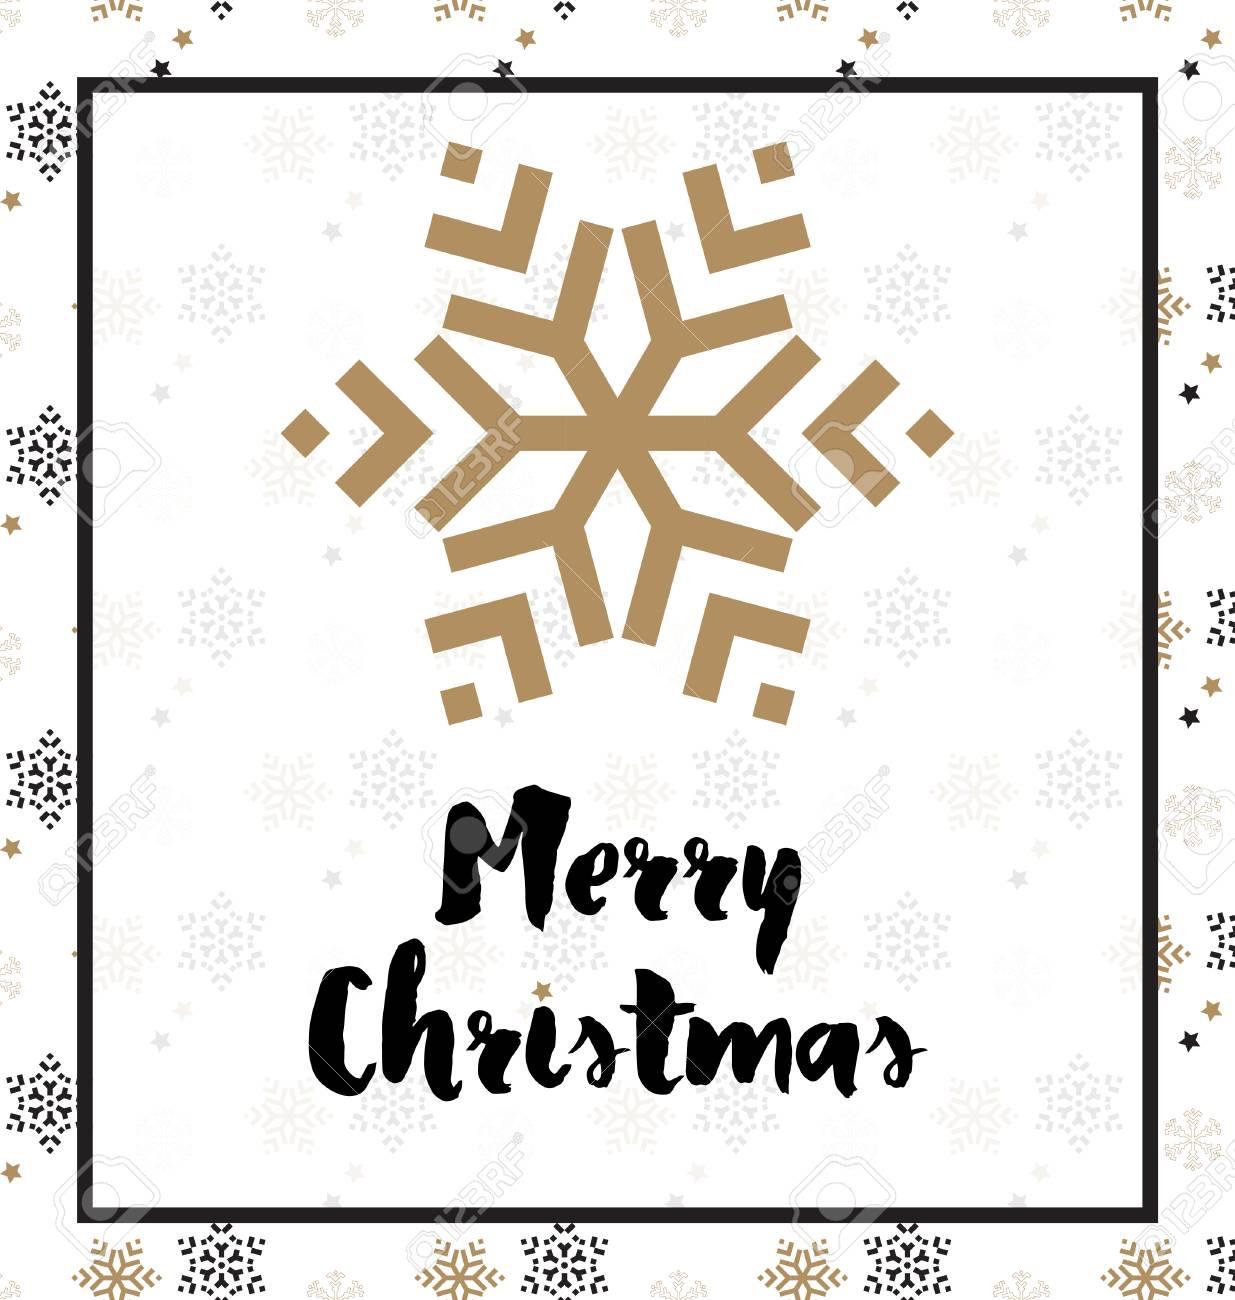 Design De Noël Idéal Pour Les étiquettes Cadeaux Ou Imprimer En Blanc Noir Et Or